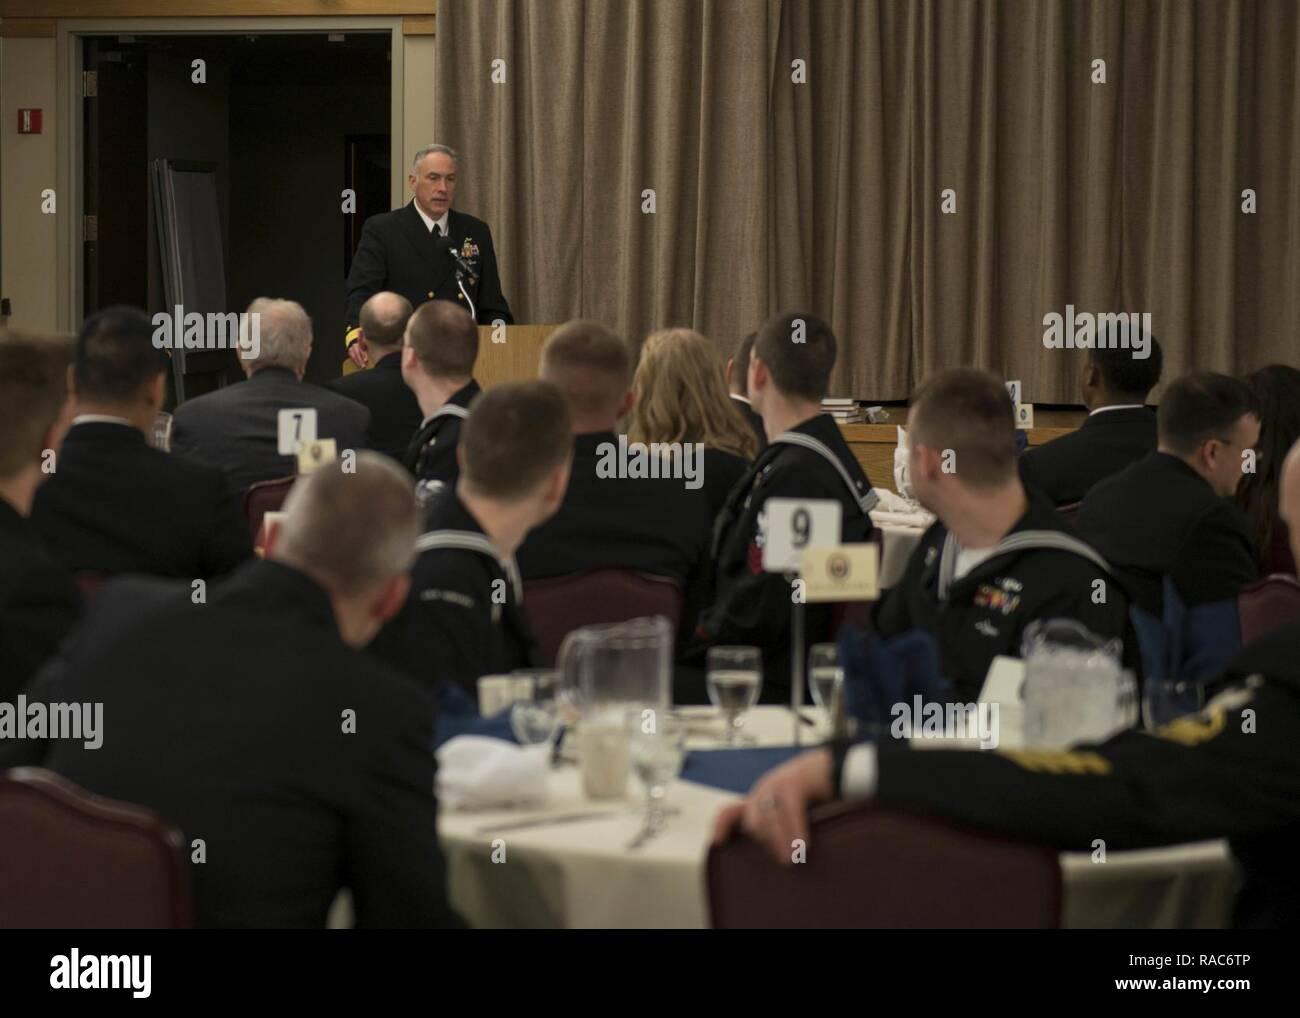 BANGOR, Washington (Ene. 17, 2017) Rear Adm. John Tammen, comandante de grupo (COMSUBGRU Submarino) 9, da comentarios durante el 2016 COMSUBGRU-9 del año almuerzo marinero. El marinero del programa comenzó en el año 1972 por el ex Jefe de Operaciones Navales de Adm. Elmo Zumwalt para reconocer el notable marineros alrededor de la flota. Imagen De Stock